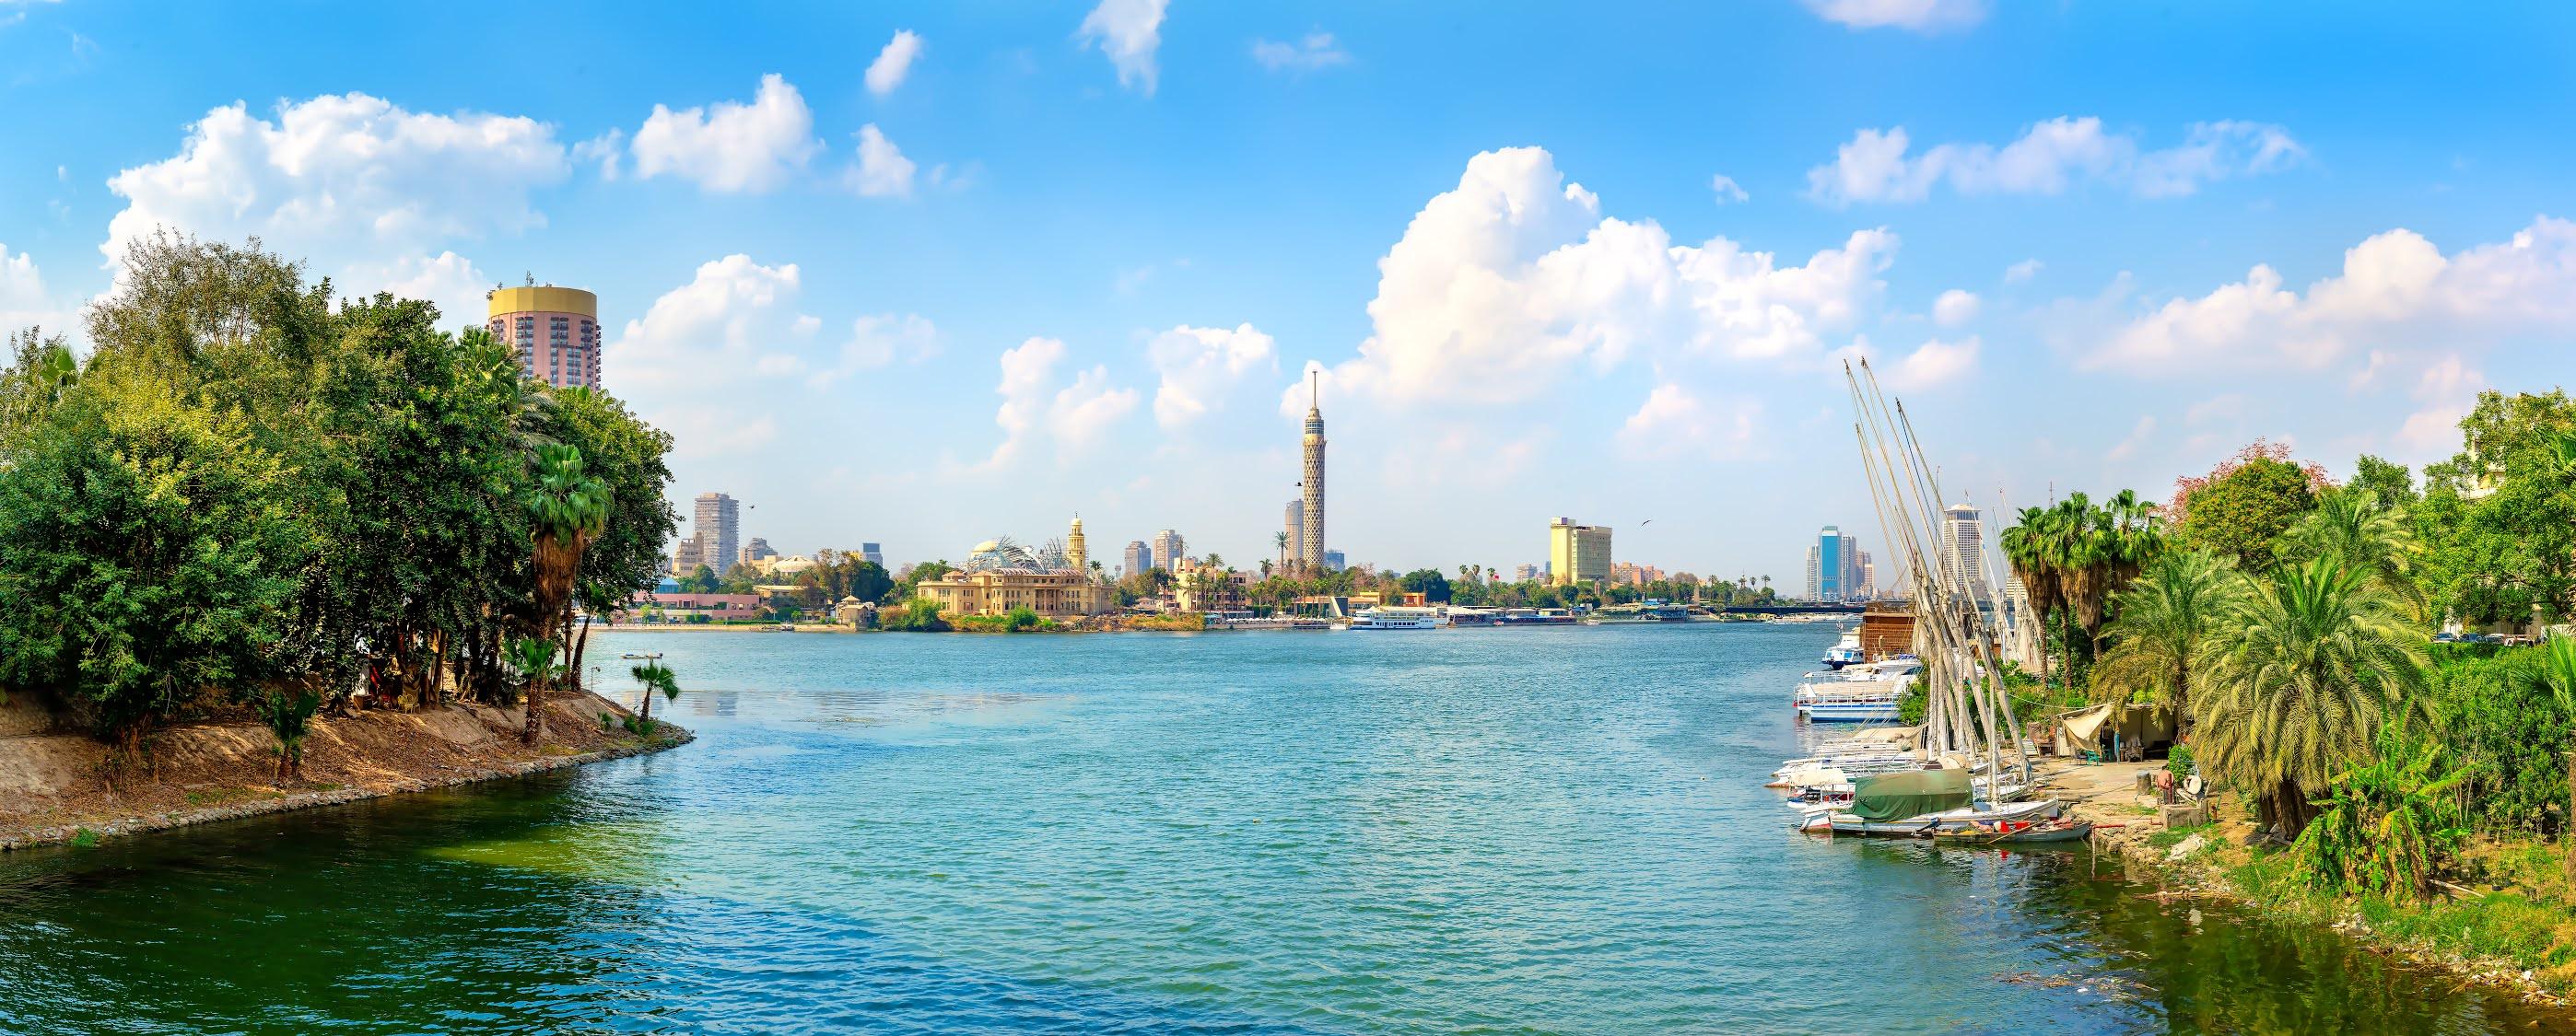 السيسي يوجه بتحقيق أقصى عائد للأصول غير المستغلة بقطاع الأعمال العام في مصر